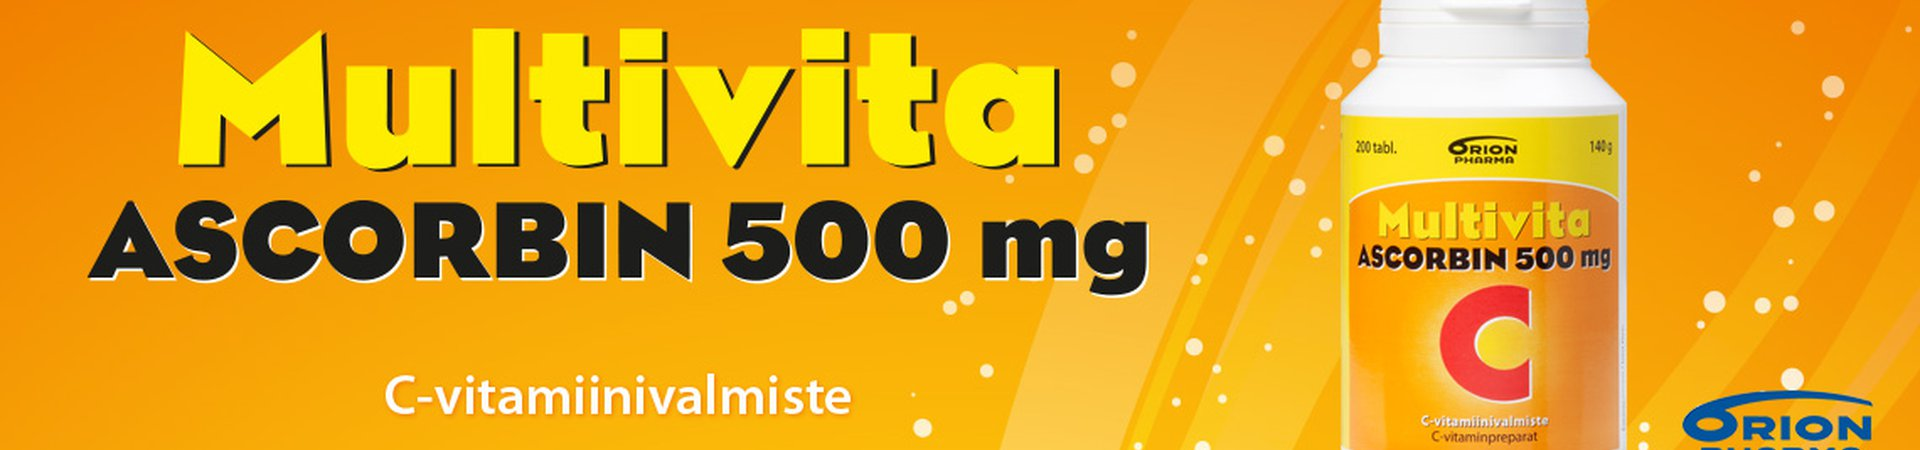 Multivita Ascorbin